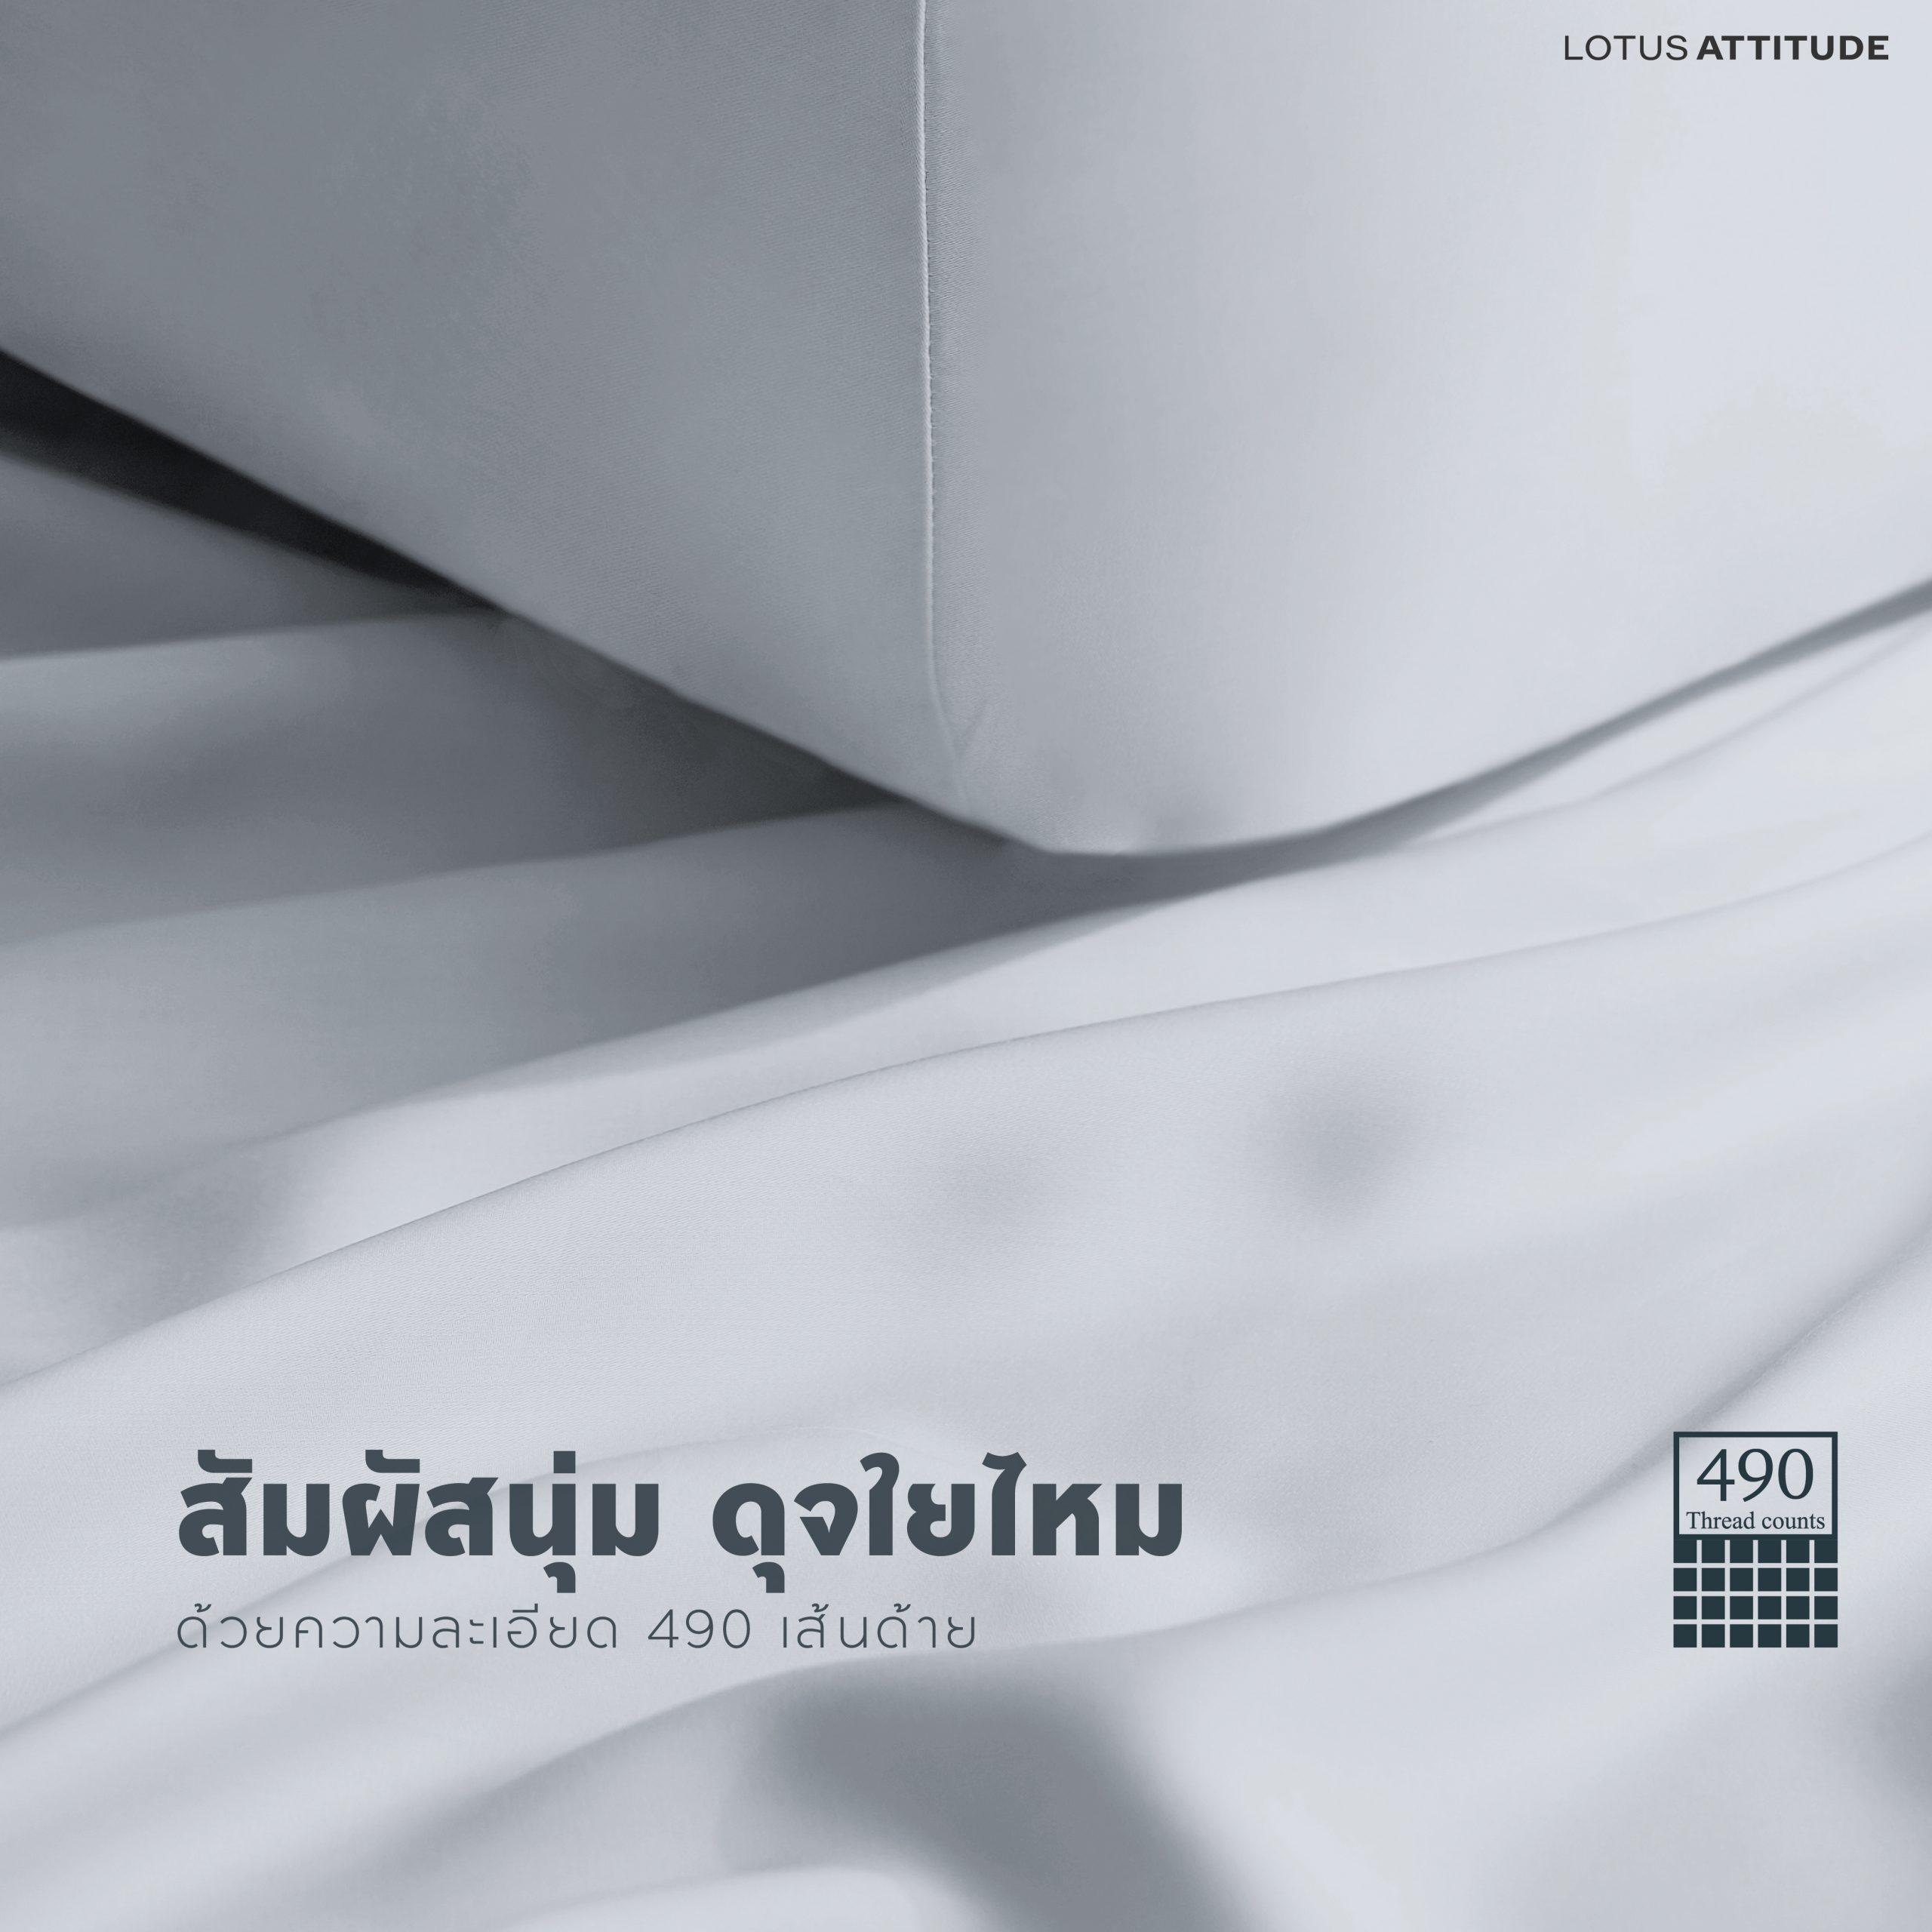 ผ้า LOTUS ATTITUDE อินโฟ_01